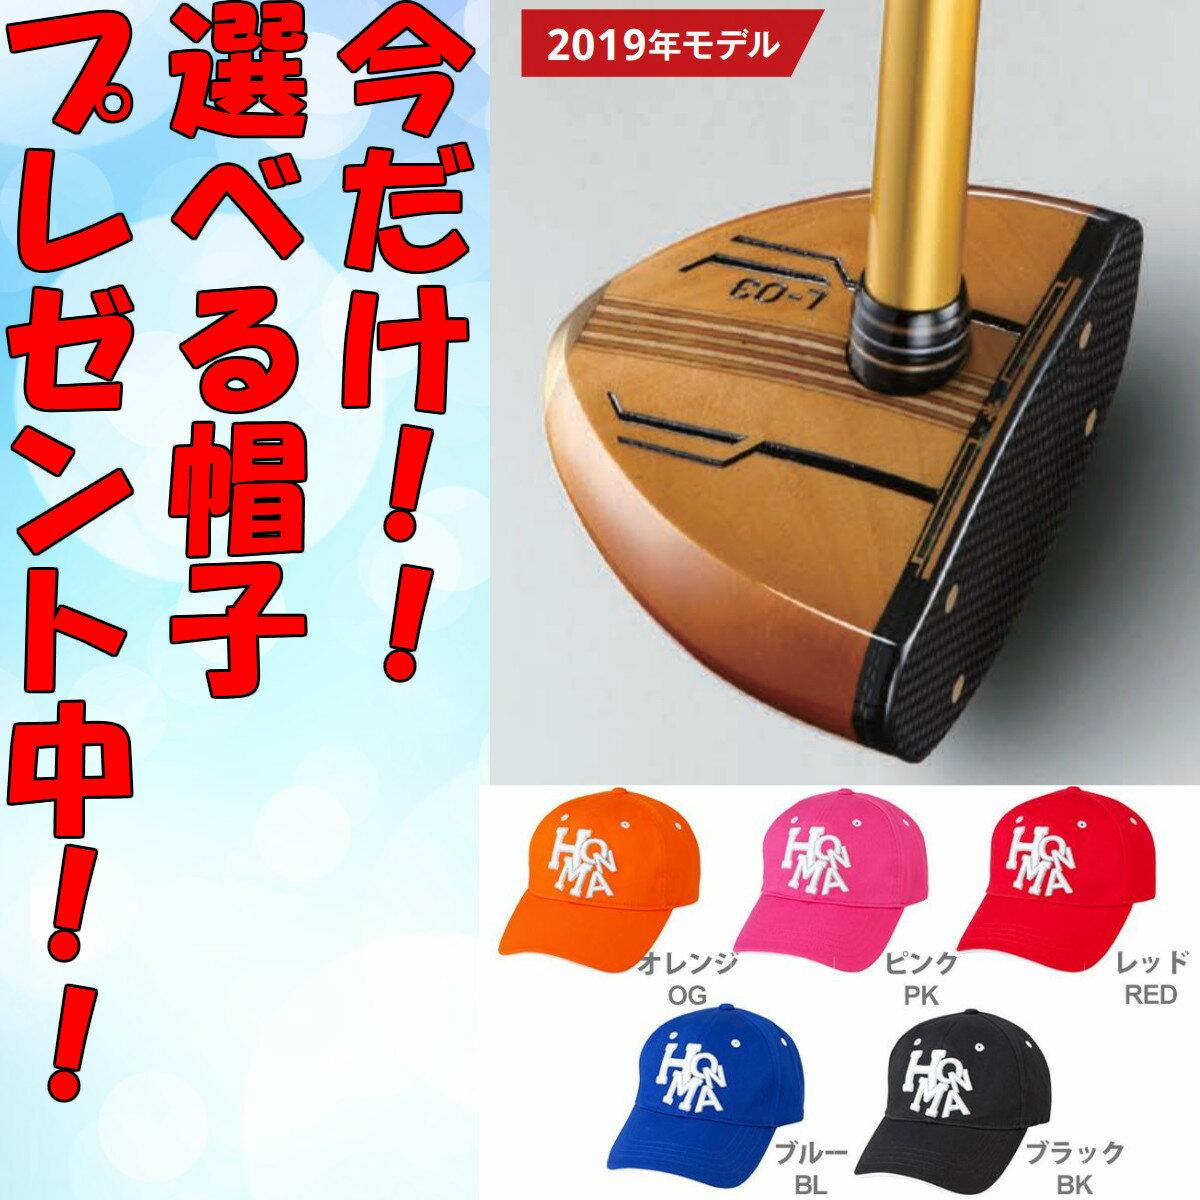 【今だけ帽子プレゼント中!】【平成最後令和】HONMA L-03 2019年モデル ホンマ パークゴルフ クラブ